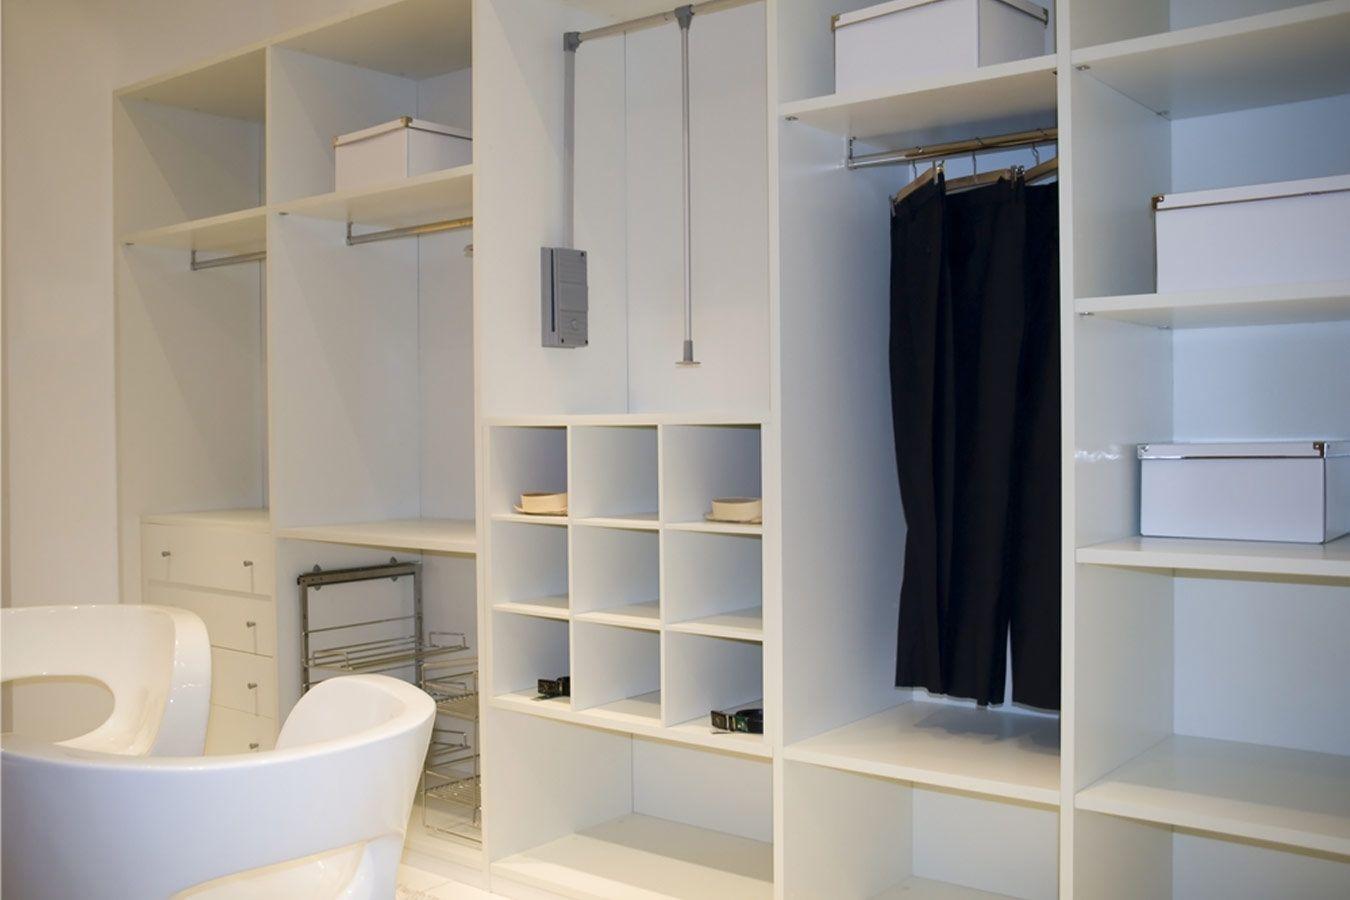 Open Witte Inbouwkast Met Schappen En Hangrekken Inbouwkasten